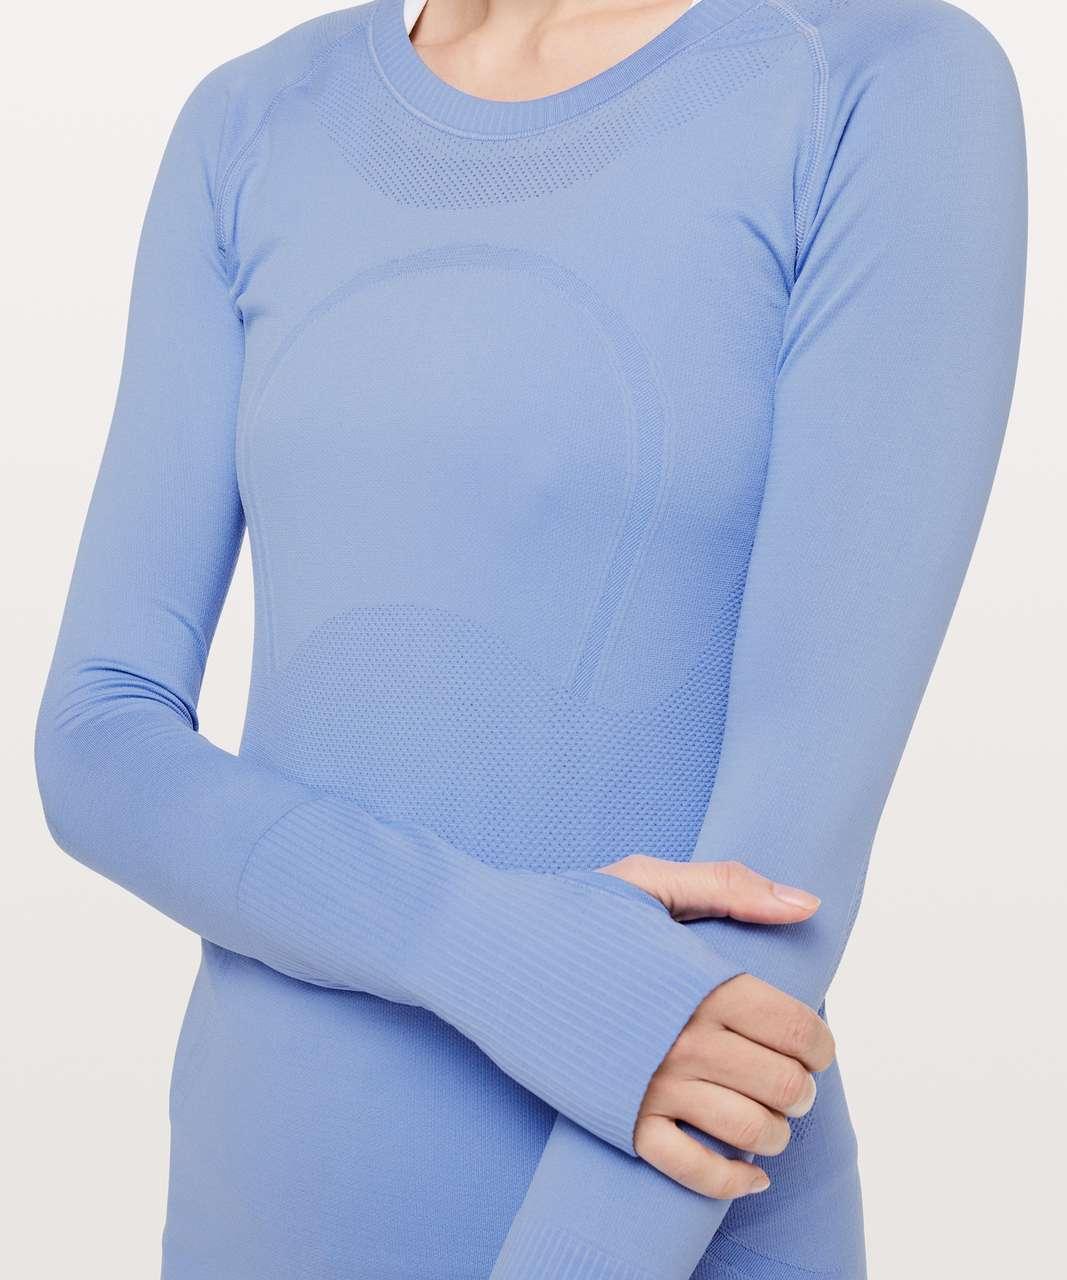 Lululemon Swiftly Tech Long Sleeve Crew - Hydrangea Blue / Hydrangea Blue